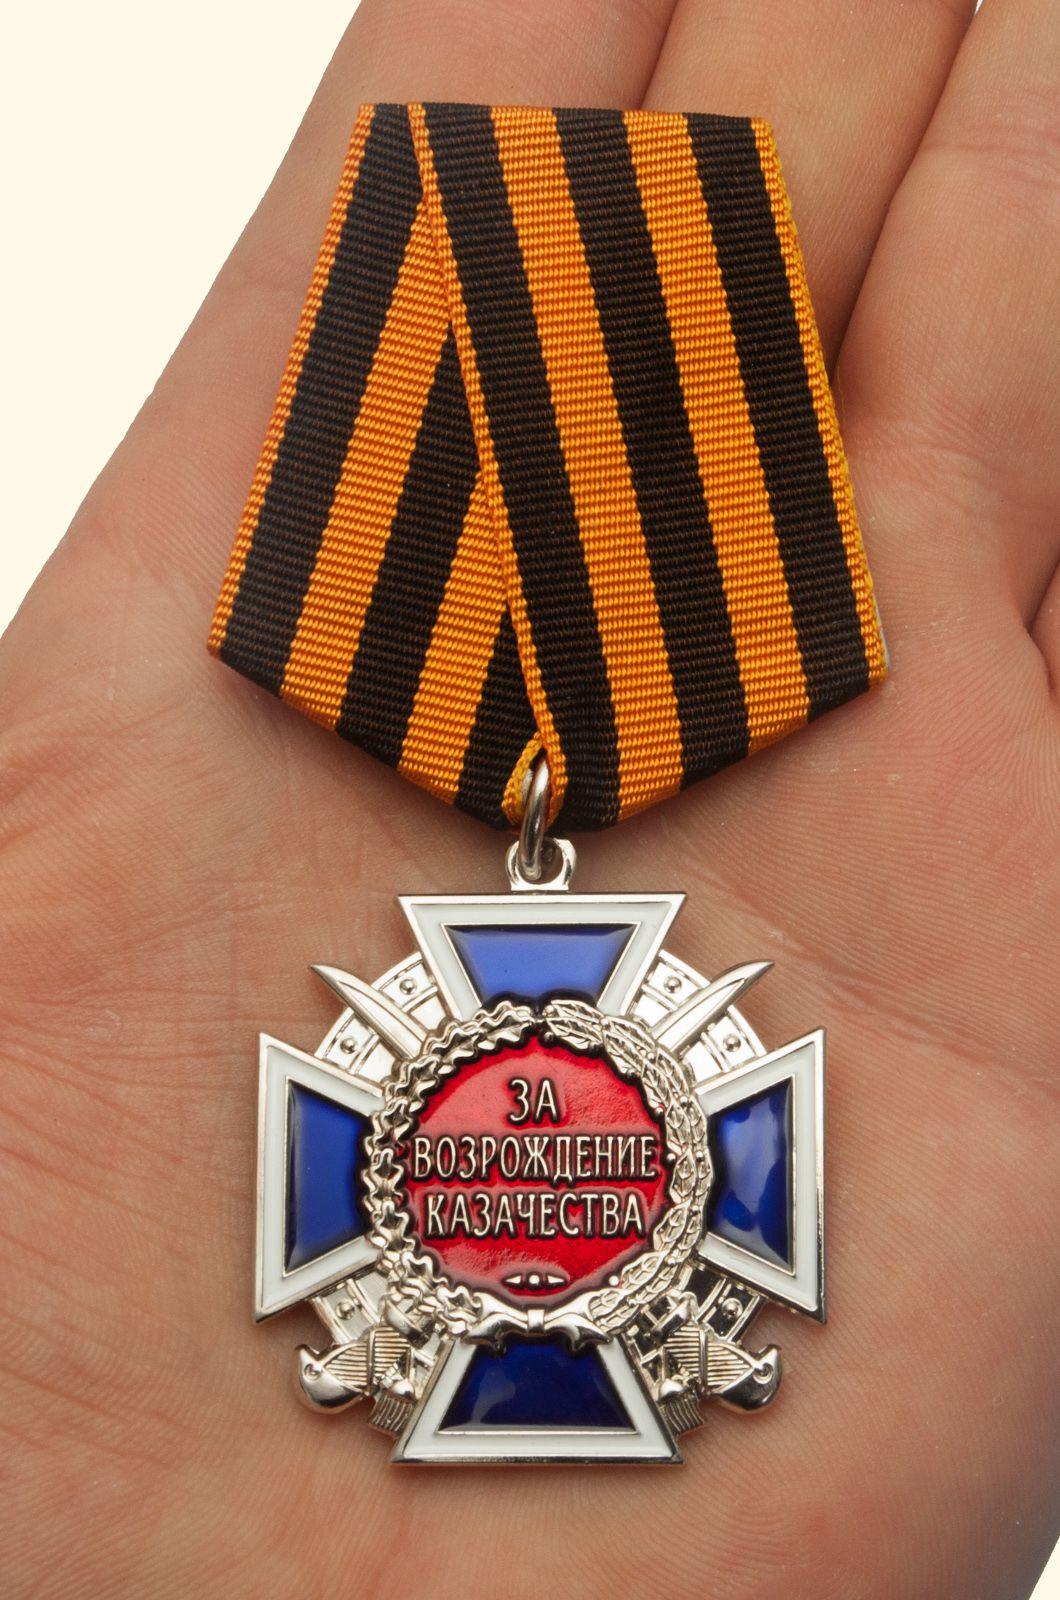 """Медаль """"За возрождение казачества"""" (2 степень) в наградном футляре из флока - вид на ладони"""